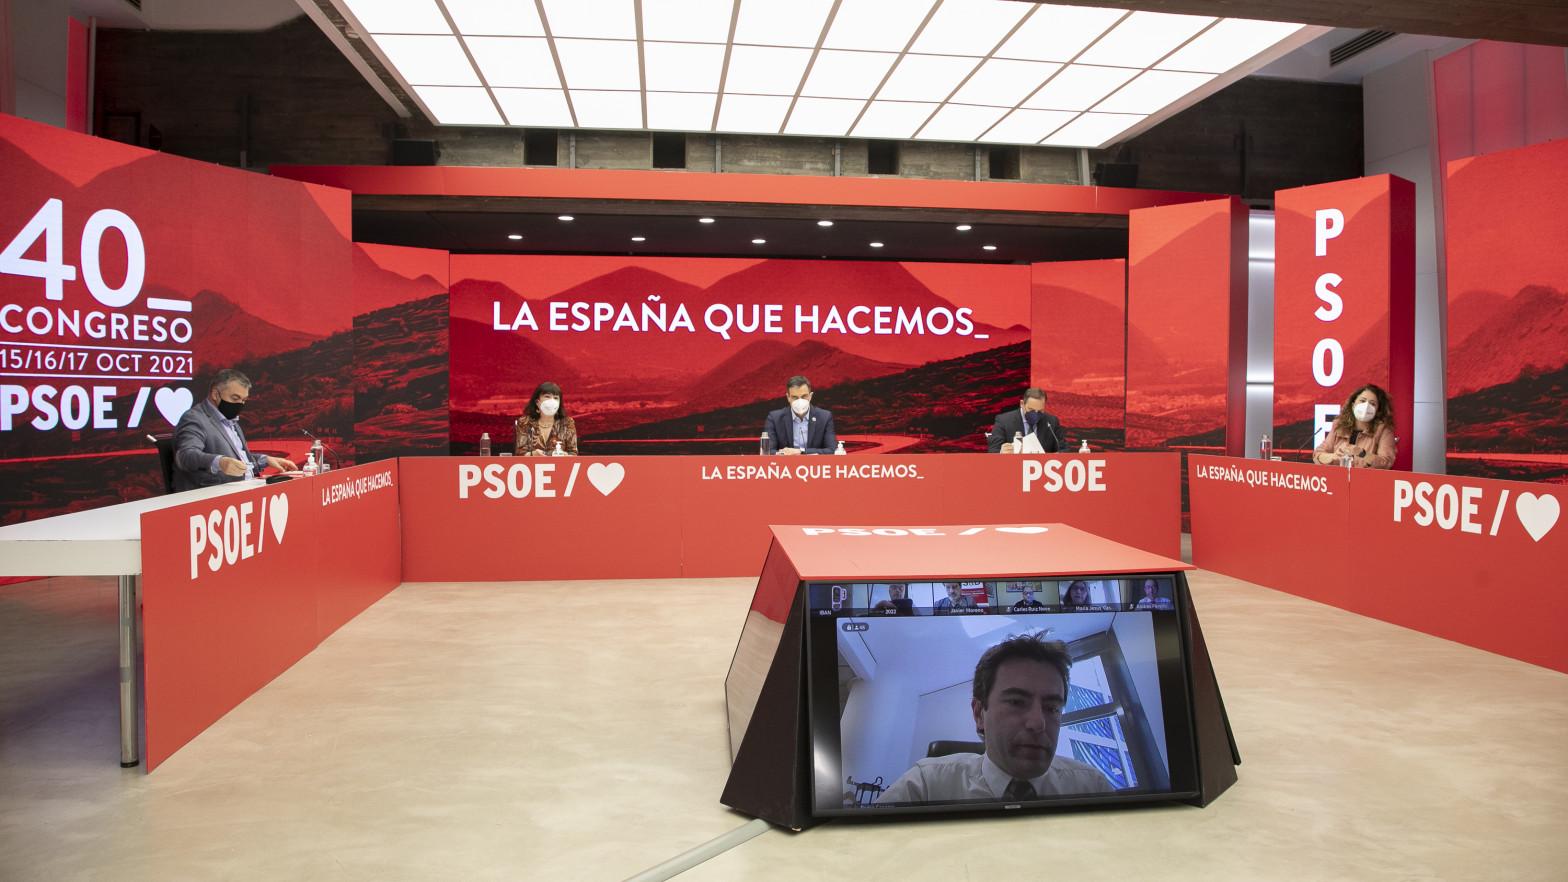 La Gestora del PSOE de Madrid se reúne por primera vez tras la debacle del 4-M